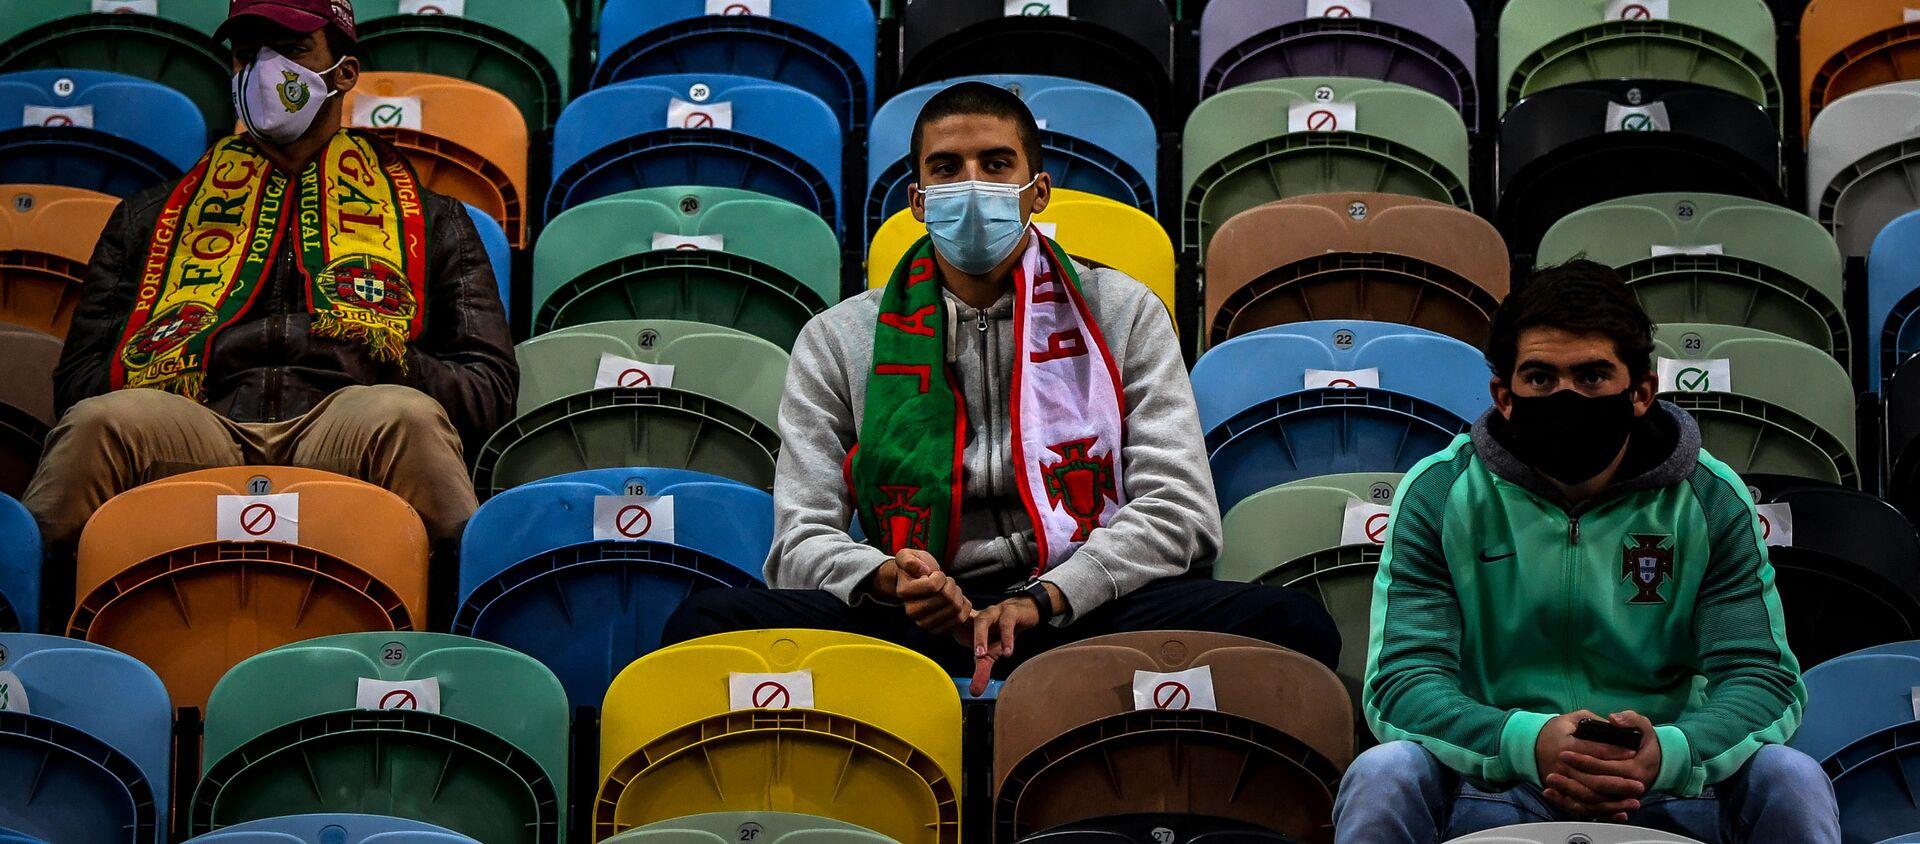 Фанаты футбольного клуба, фото из архива - Sputnik Азербайджан, 1920, 29.01.2021